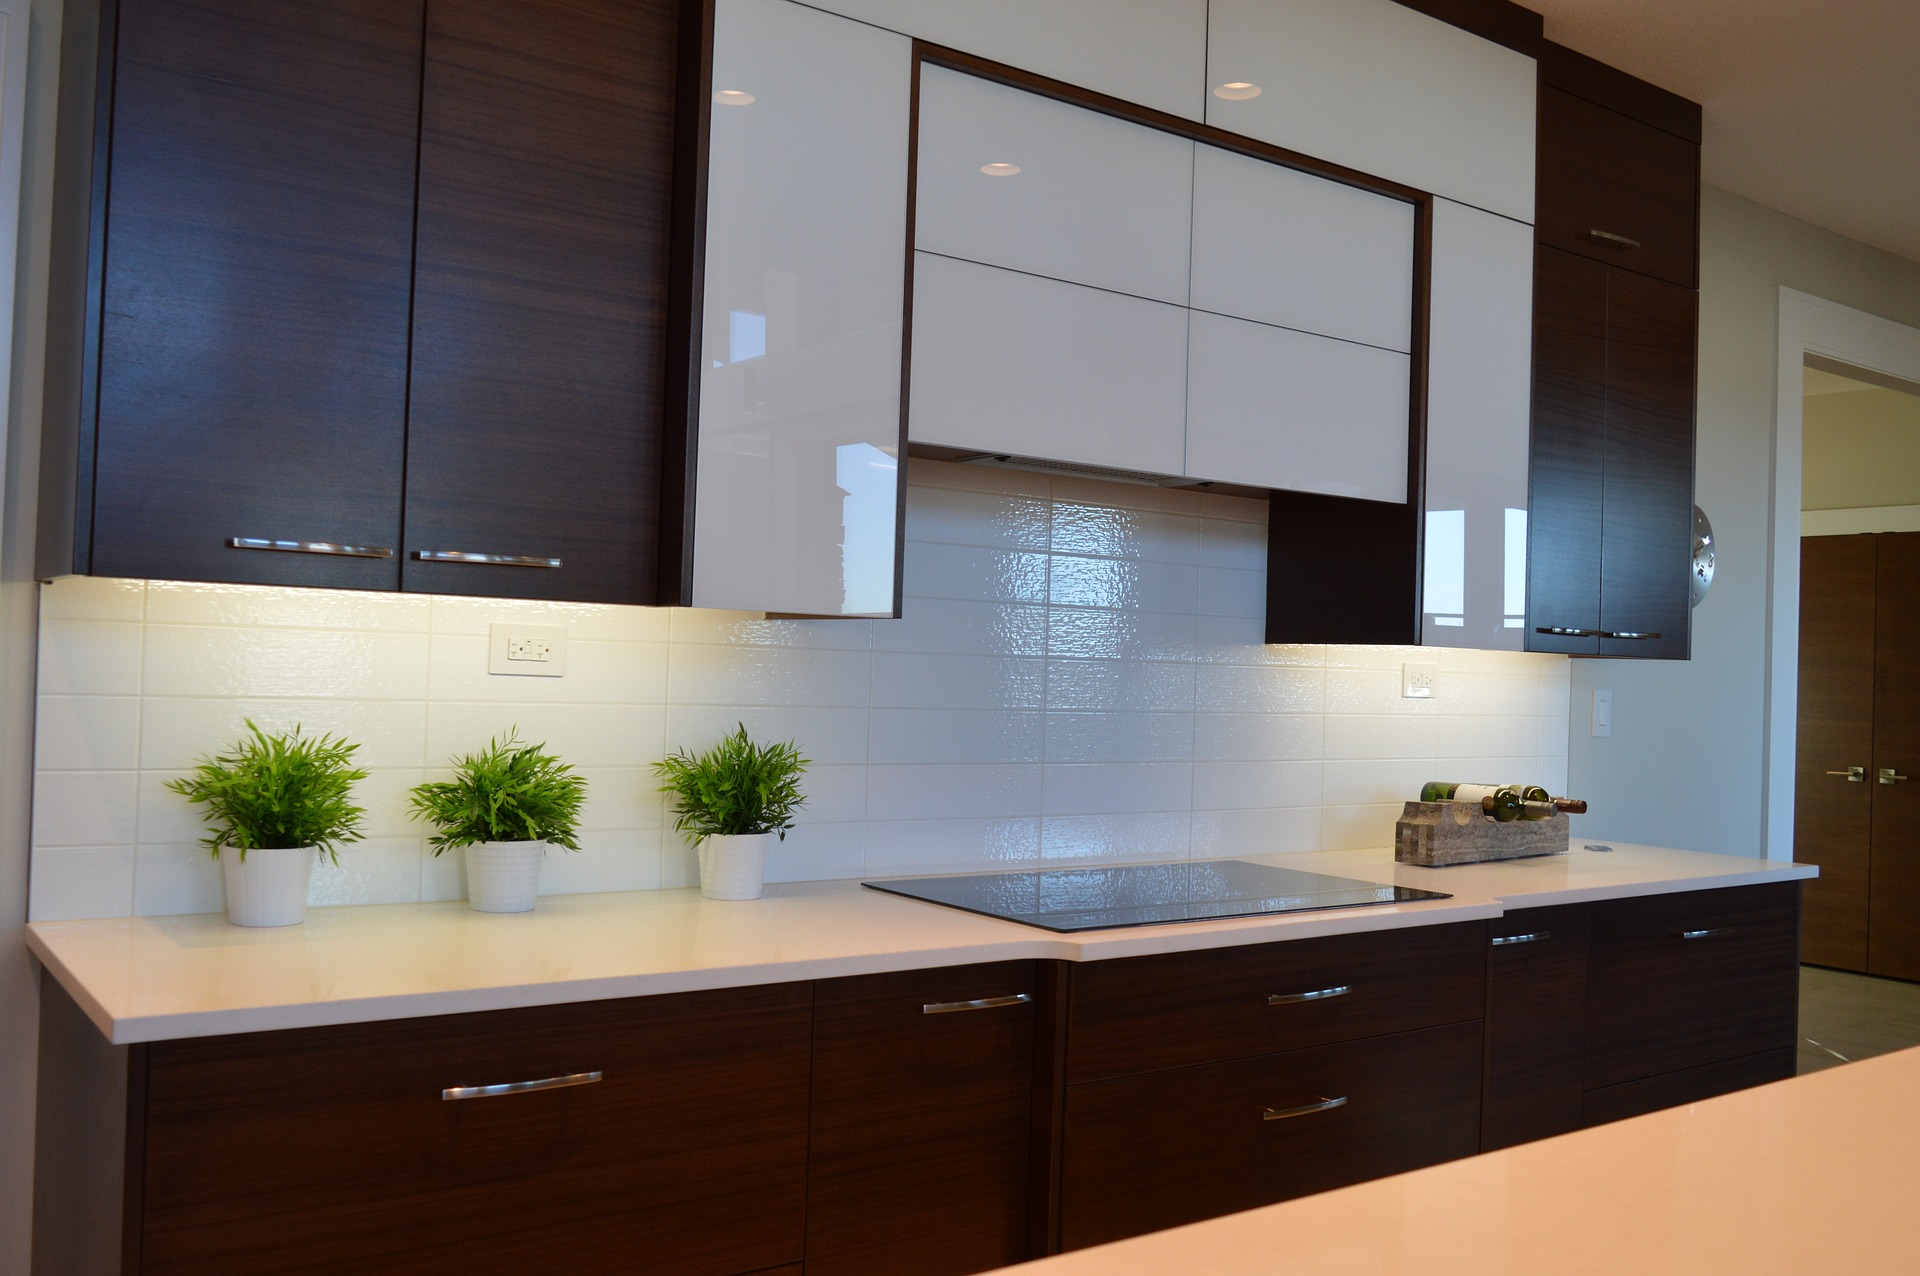 kitchen-1078864_1920 (1)